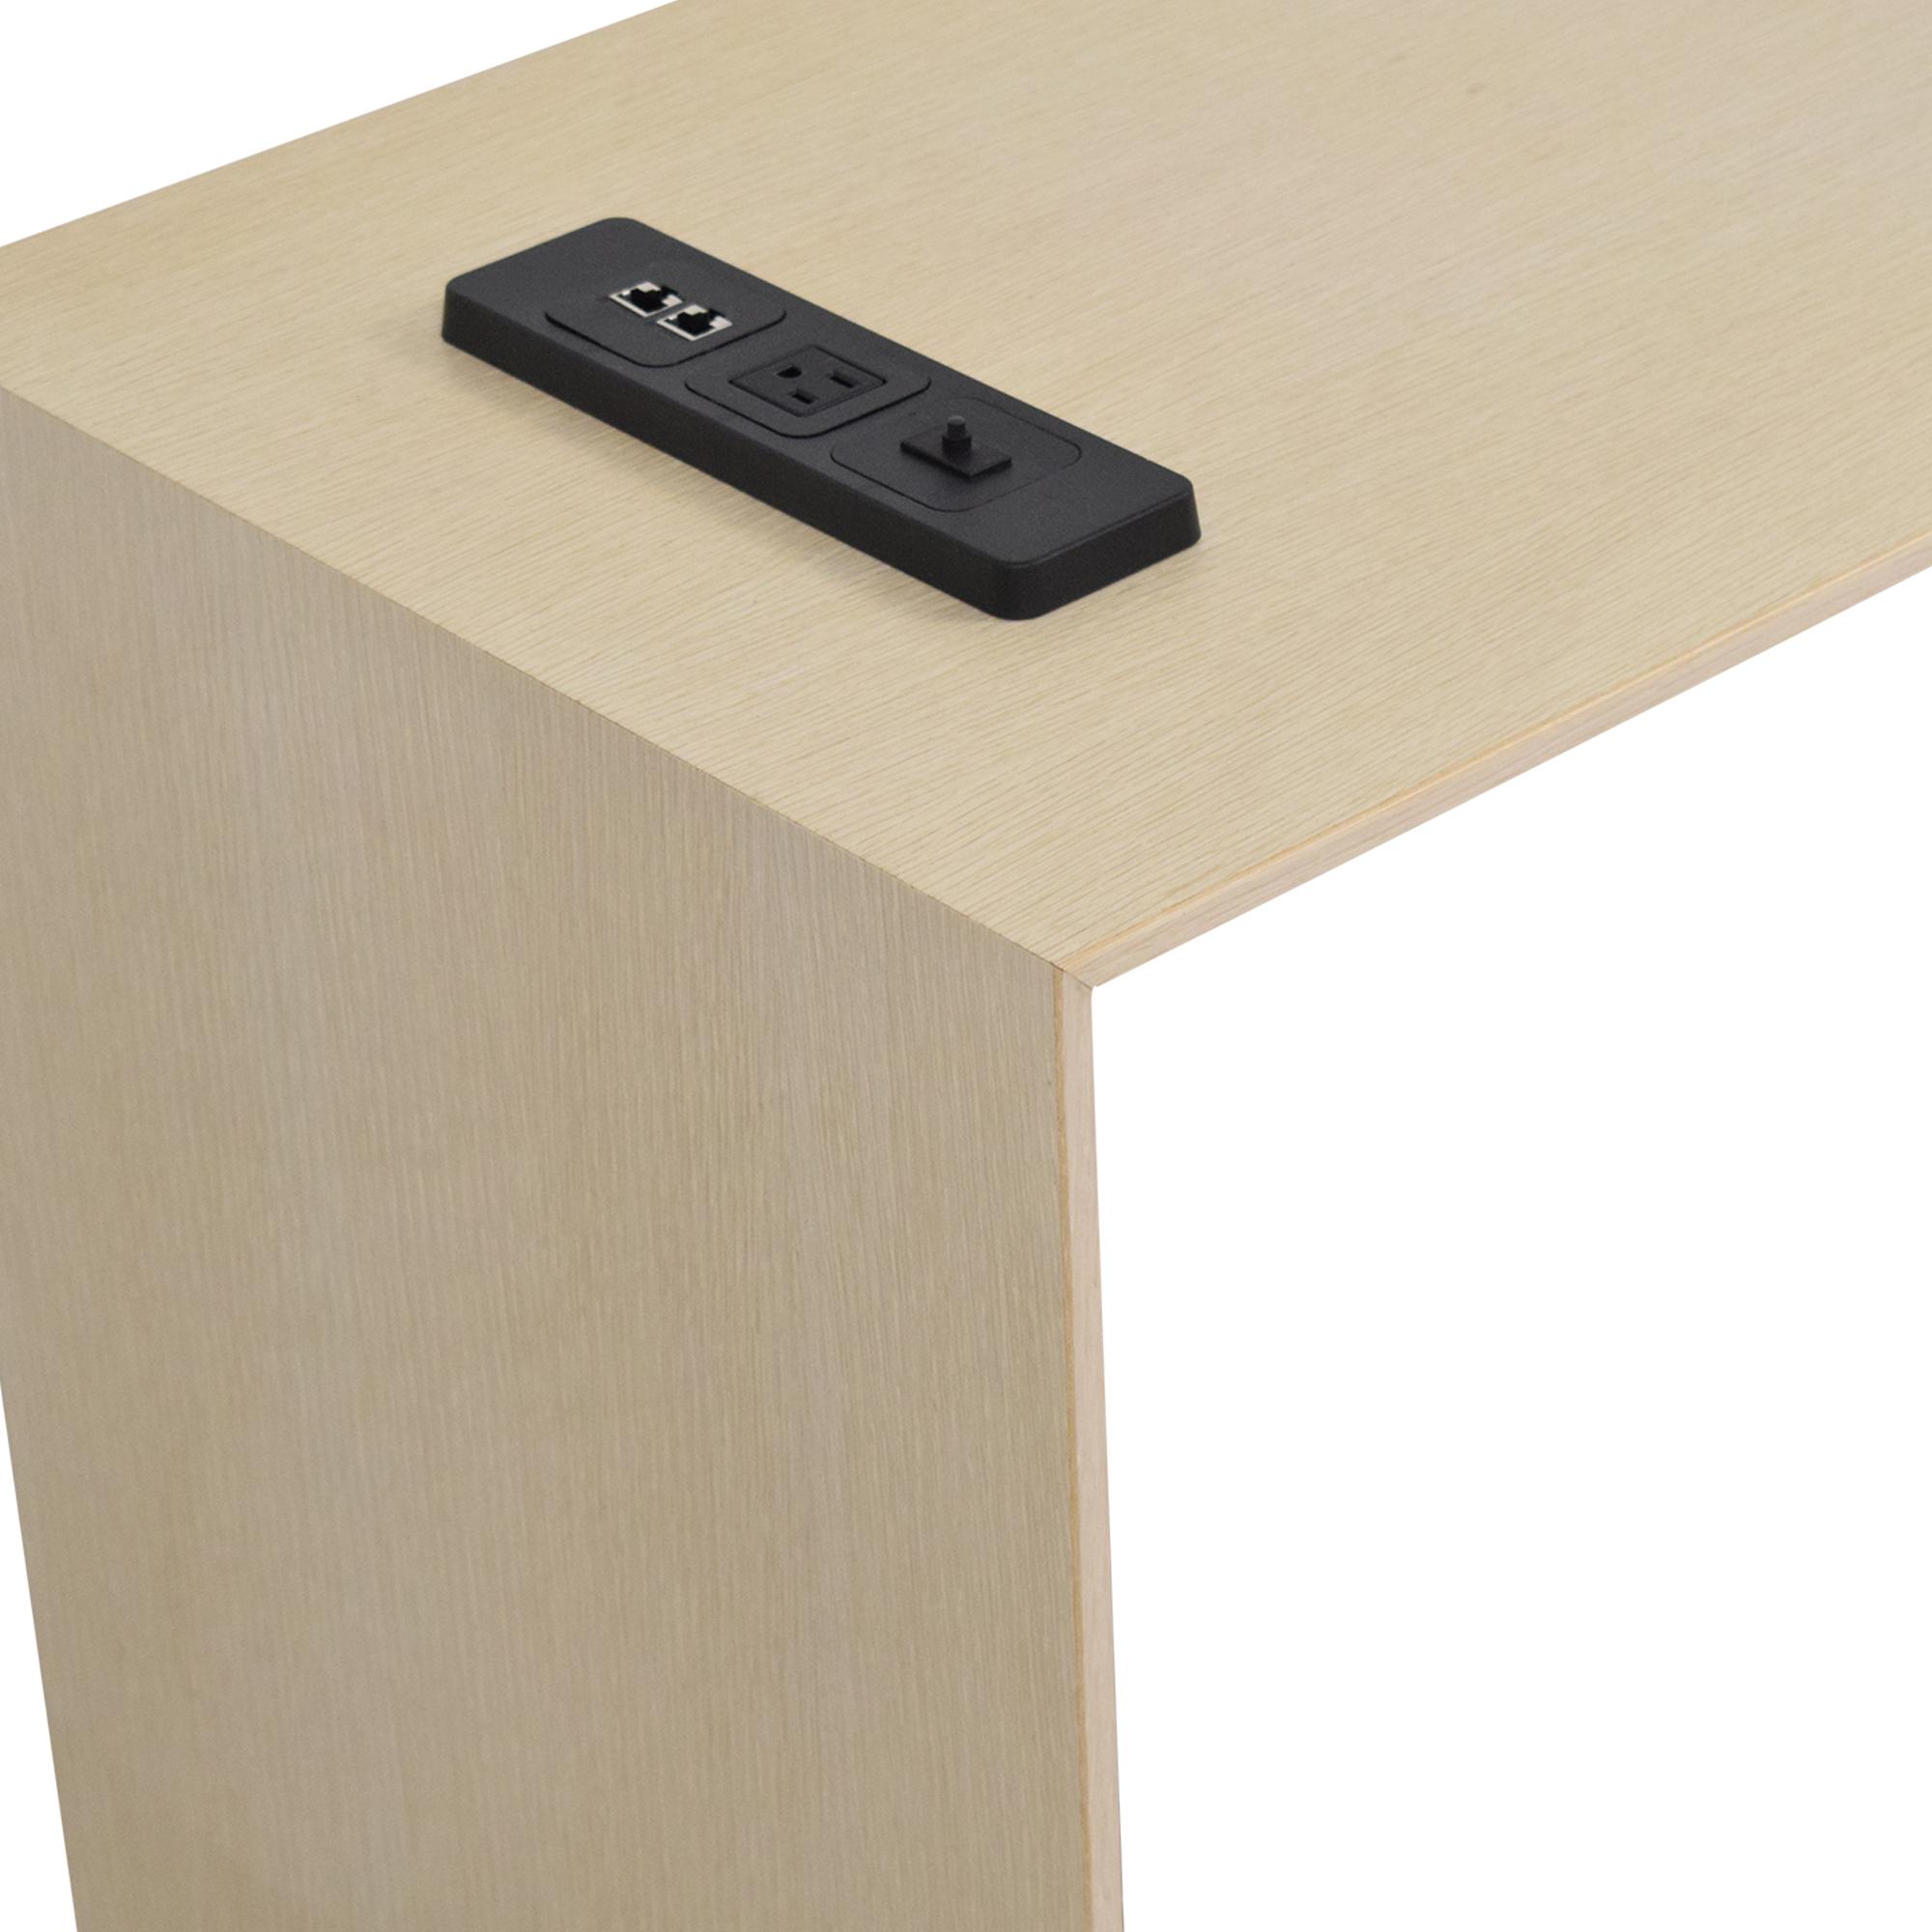 Koleksiyon Koleksiyon Ray Accent Table or Narrow Coffee Table ct